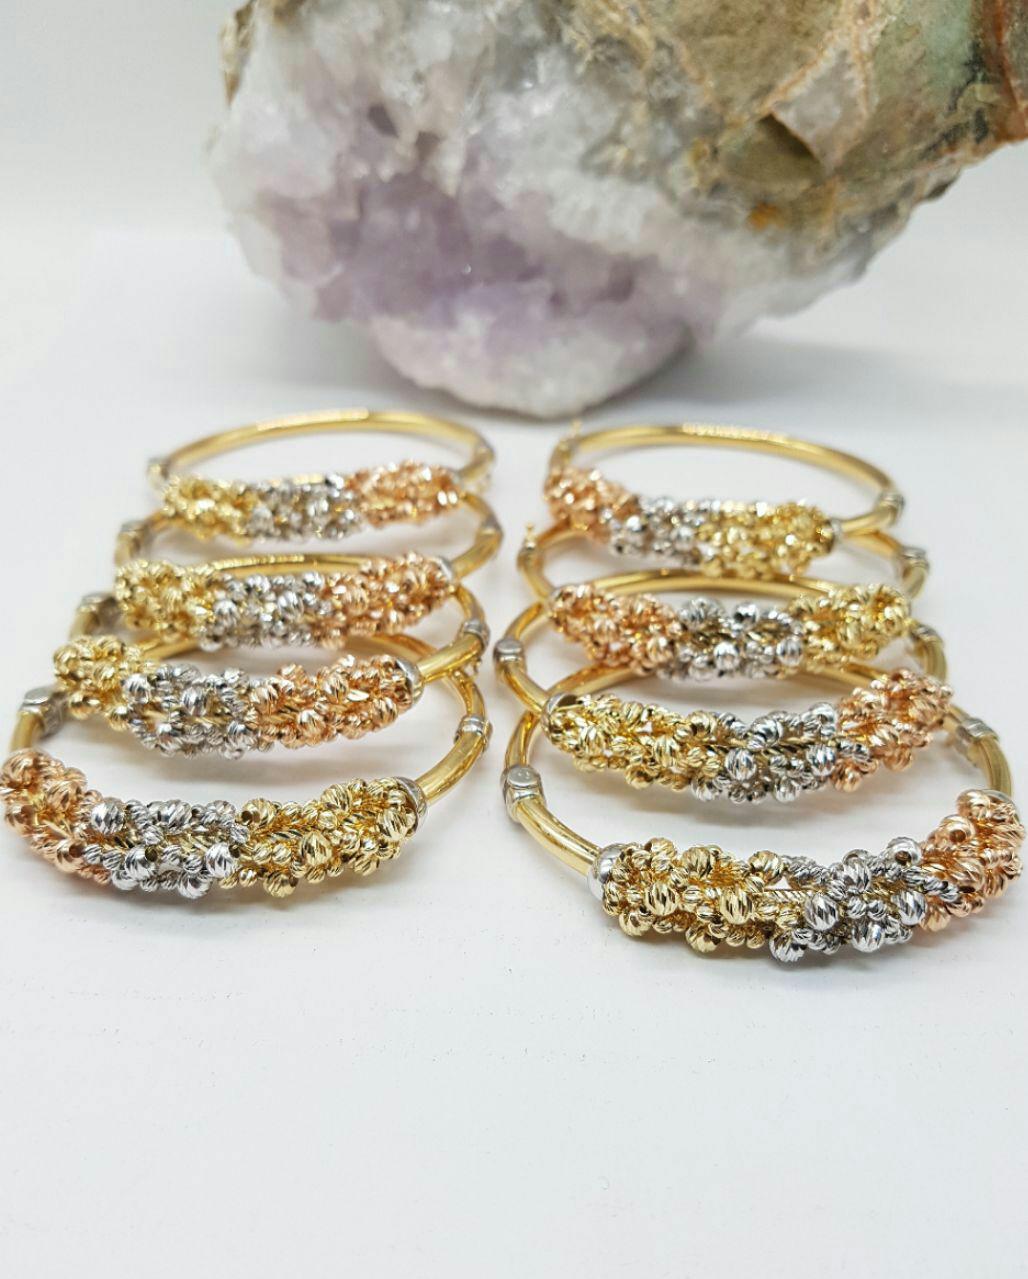 مرکز تخصصی طلا و جواهر رویال